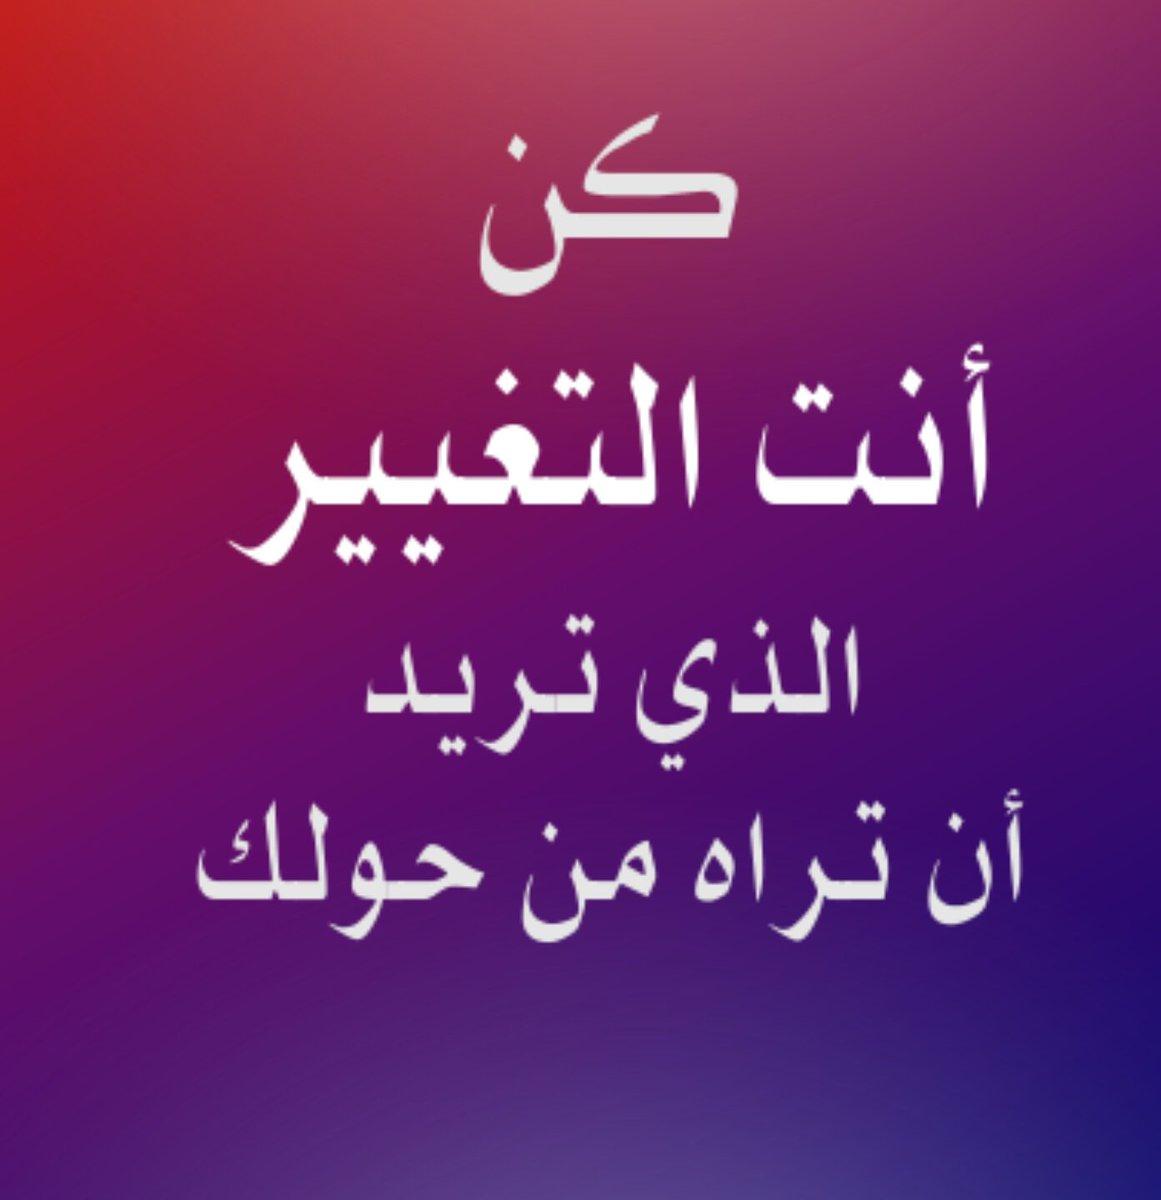 بالصور ابيات شعر قصيره حكم , شعر قصير حكم ومواعظ 1247 9